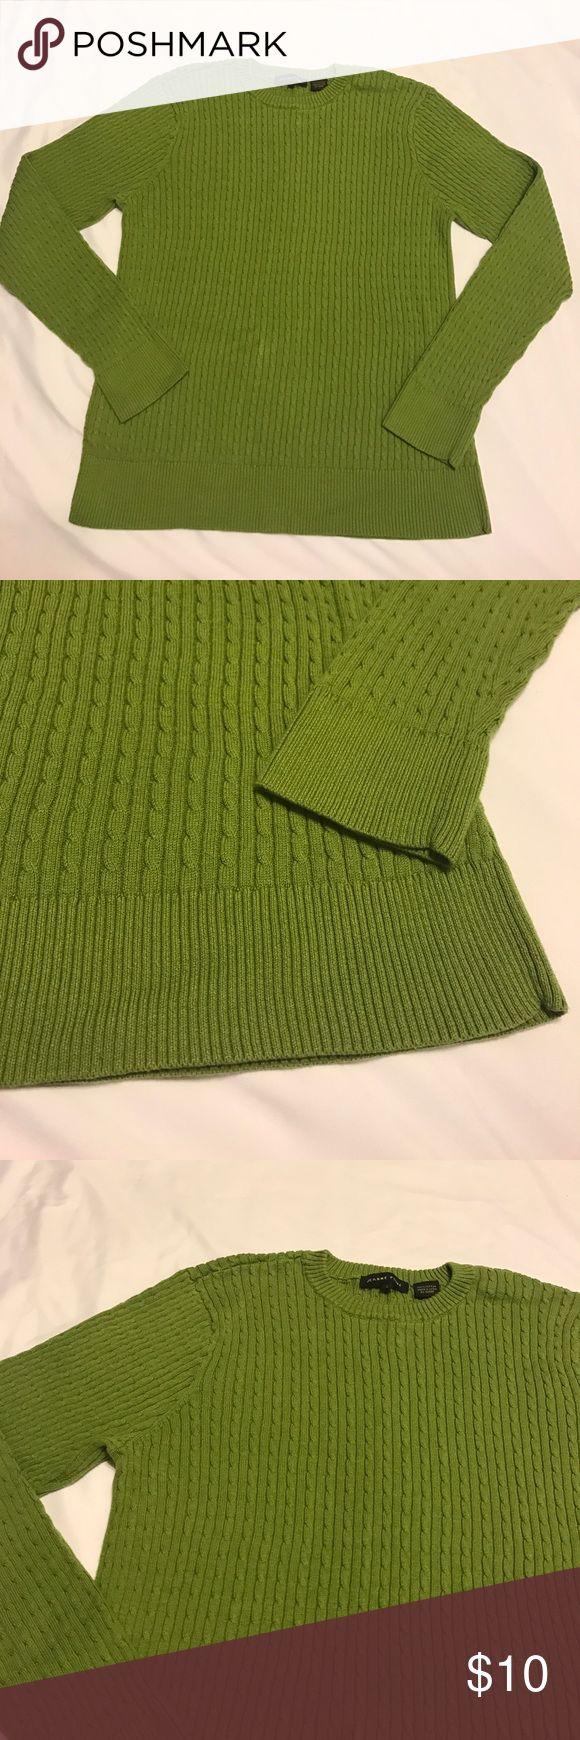 Jeanne Pierre sweater size large Great condition.... made by Jeanne Pierre... size large...100% cotton jeanne pierre Sweaters